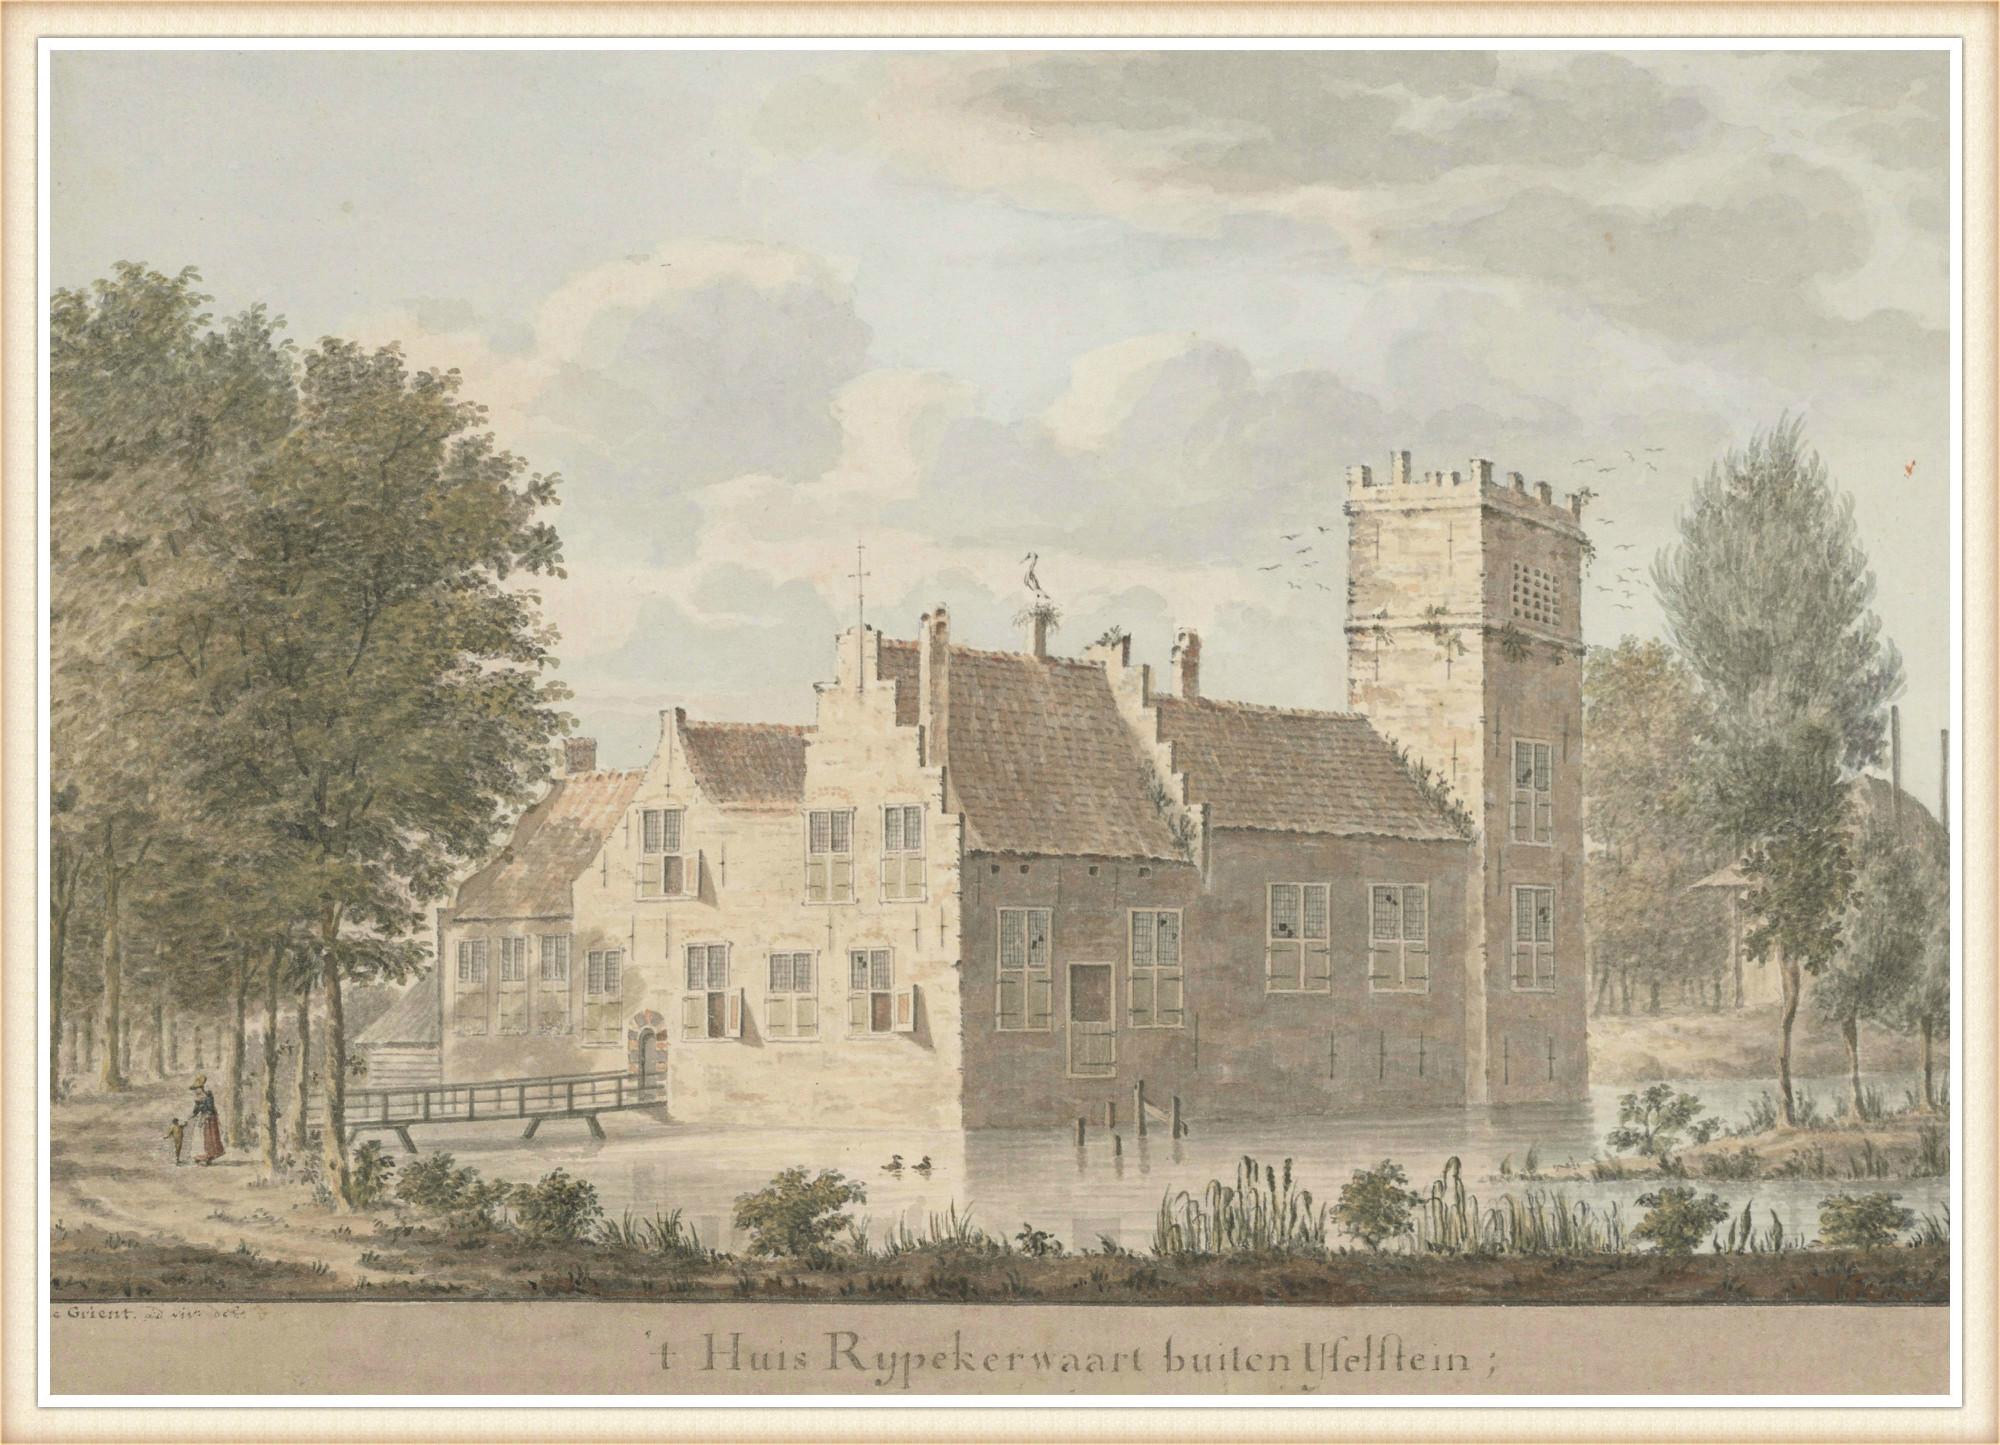 Kasteel Repplikerwerth, landgoed van het kerspel Eiteren. Op de fundamenten van dit landhuis werd hofstede Rijpickerwaard gebouwd, die van 1789 – 1807 eigendom was van Annigje Bosch en Willem Middach. Tekening van C. de Grient, omstreeks 1750.